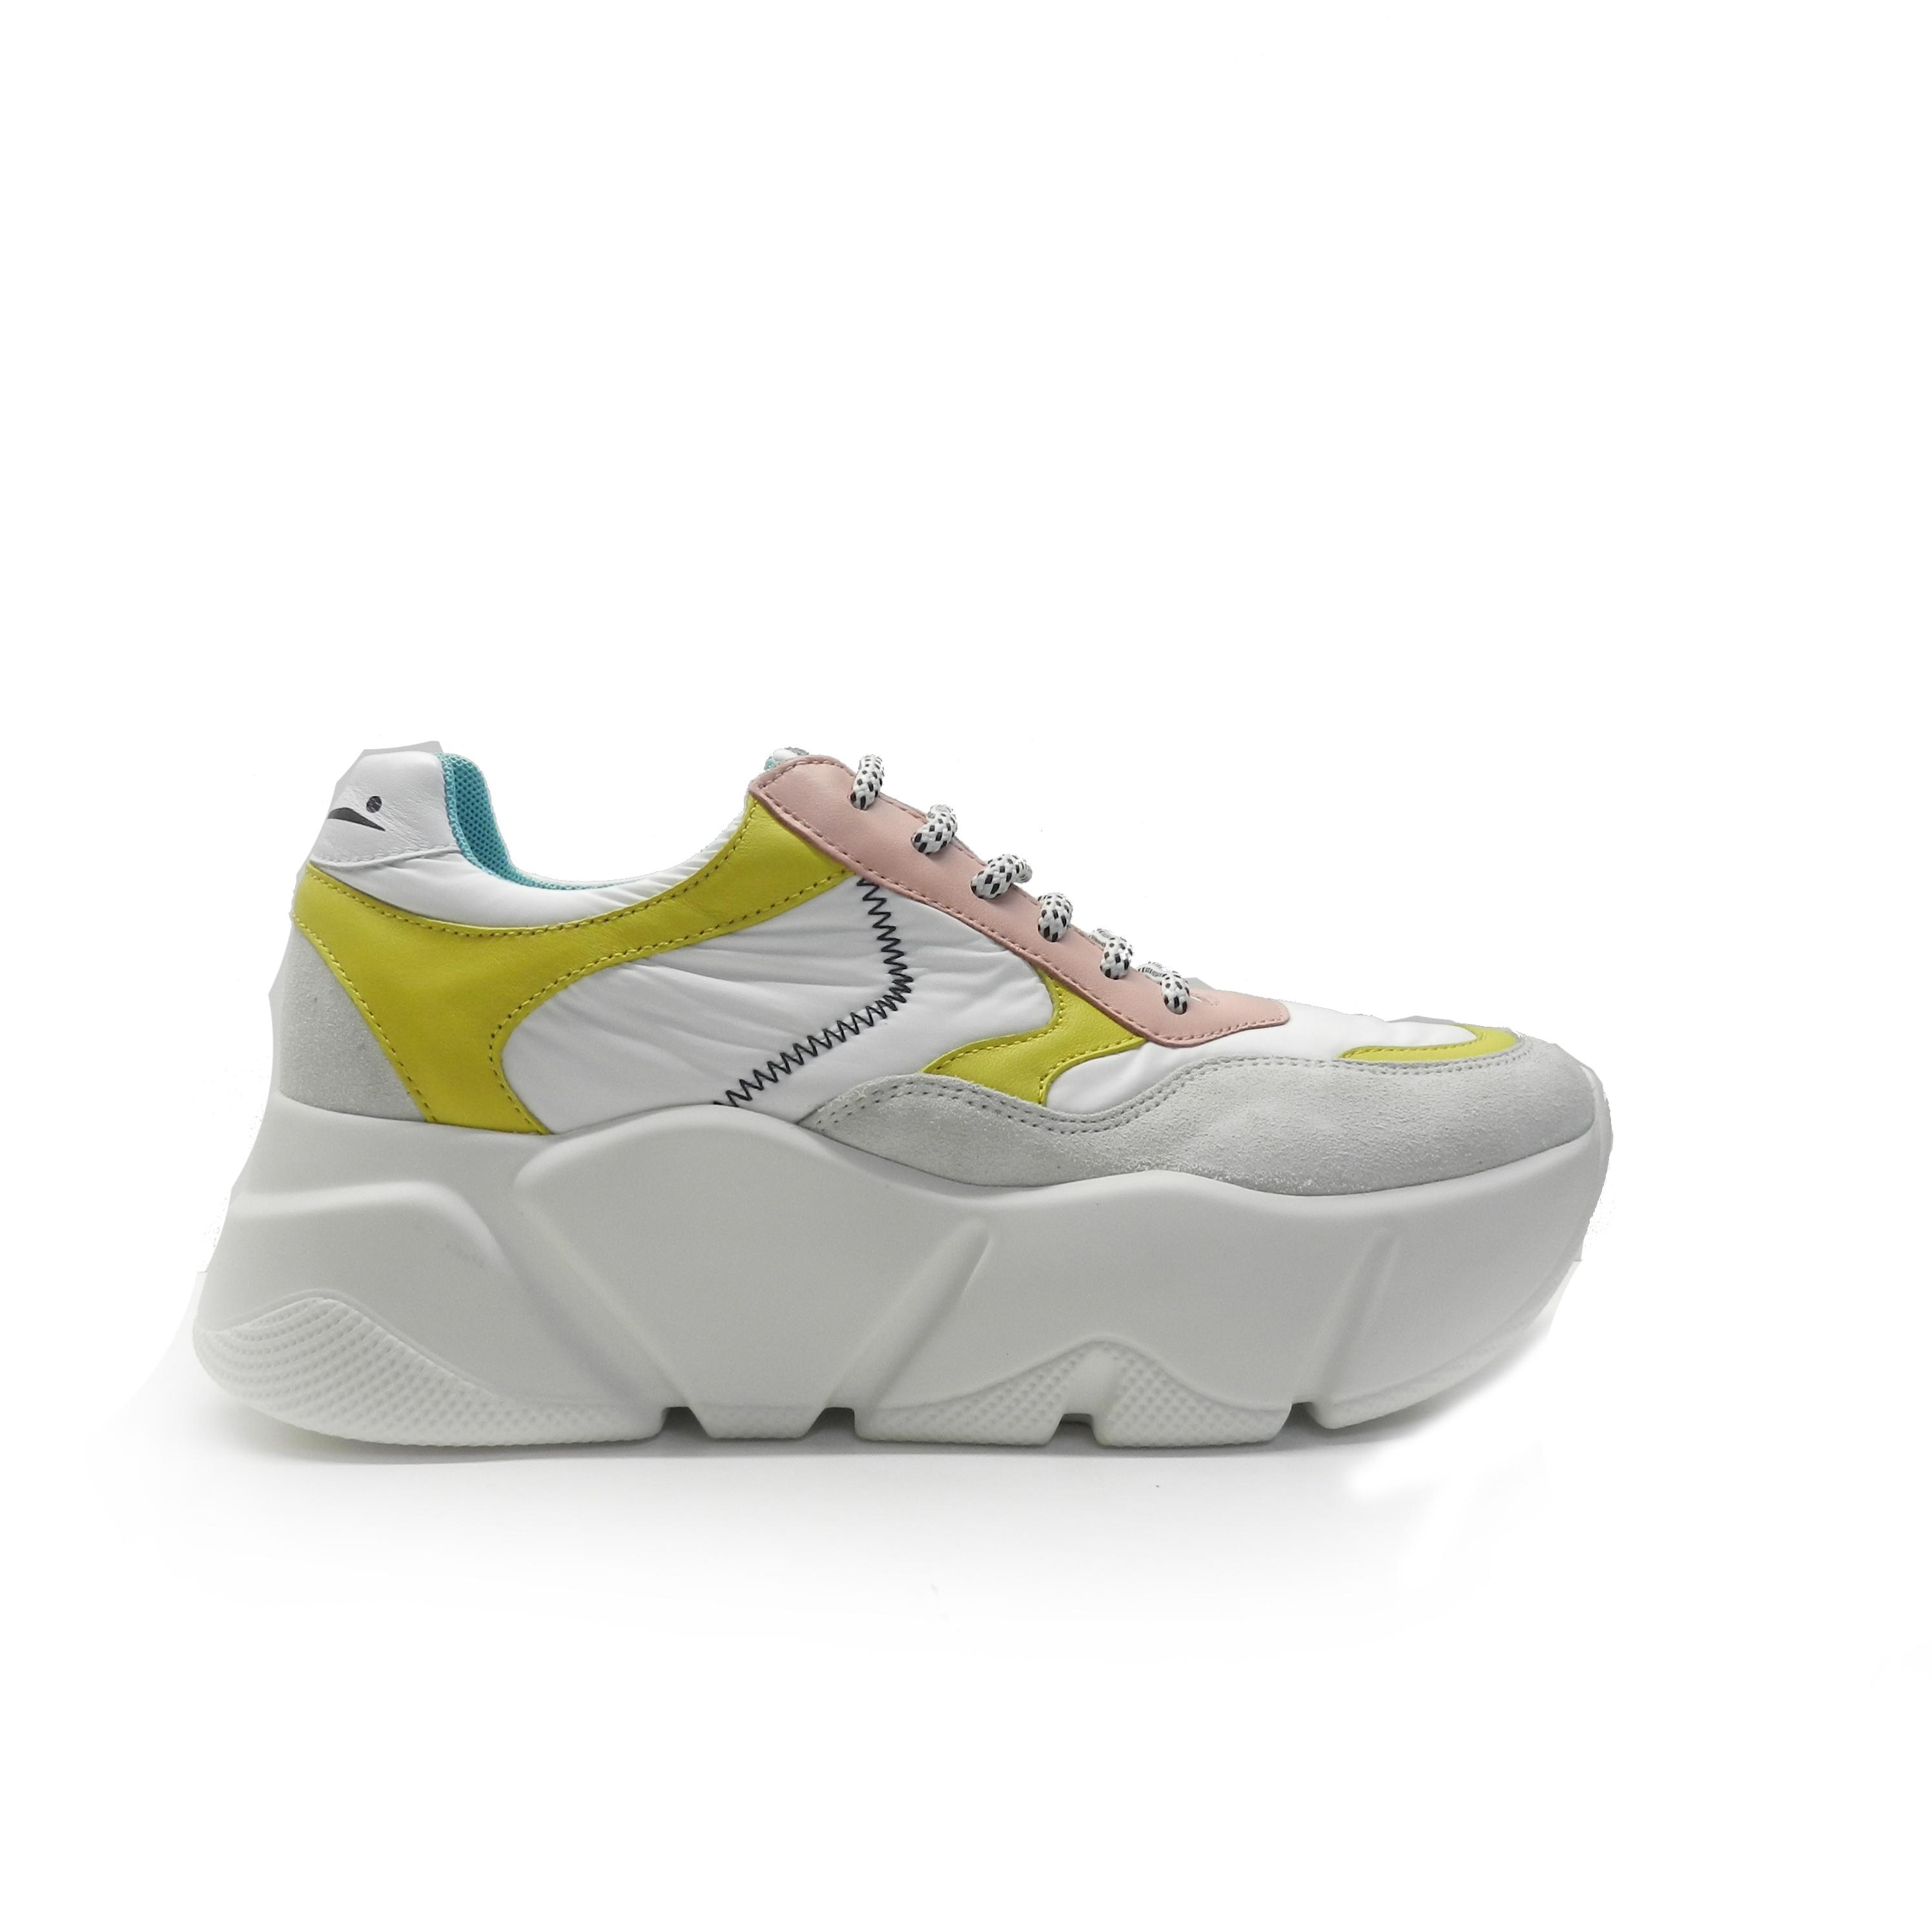 sneakers de cordones en combinado de colores y diferentes texturas, marca Voile Blanche.